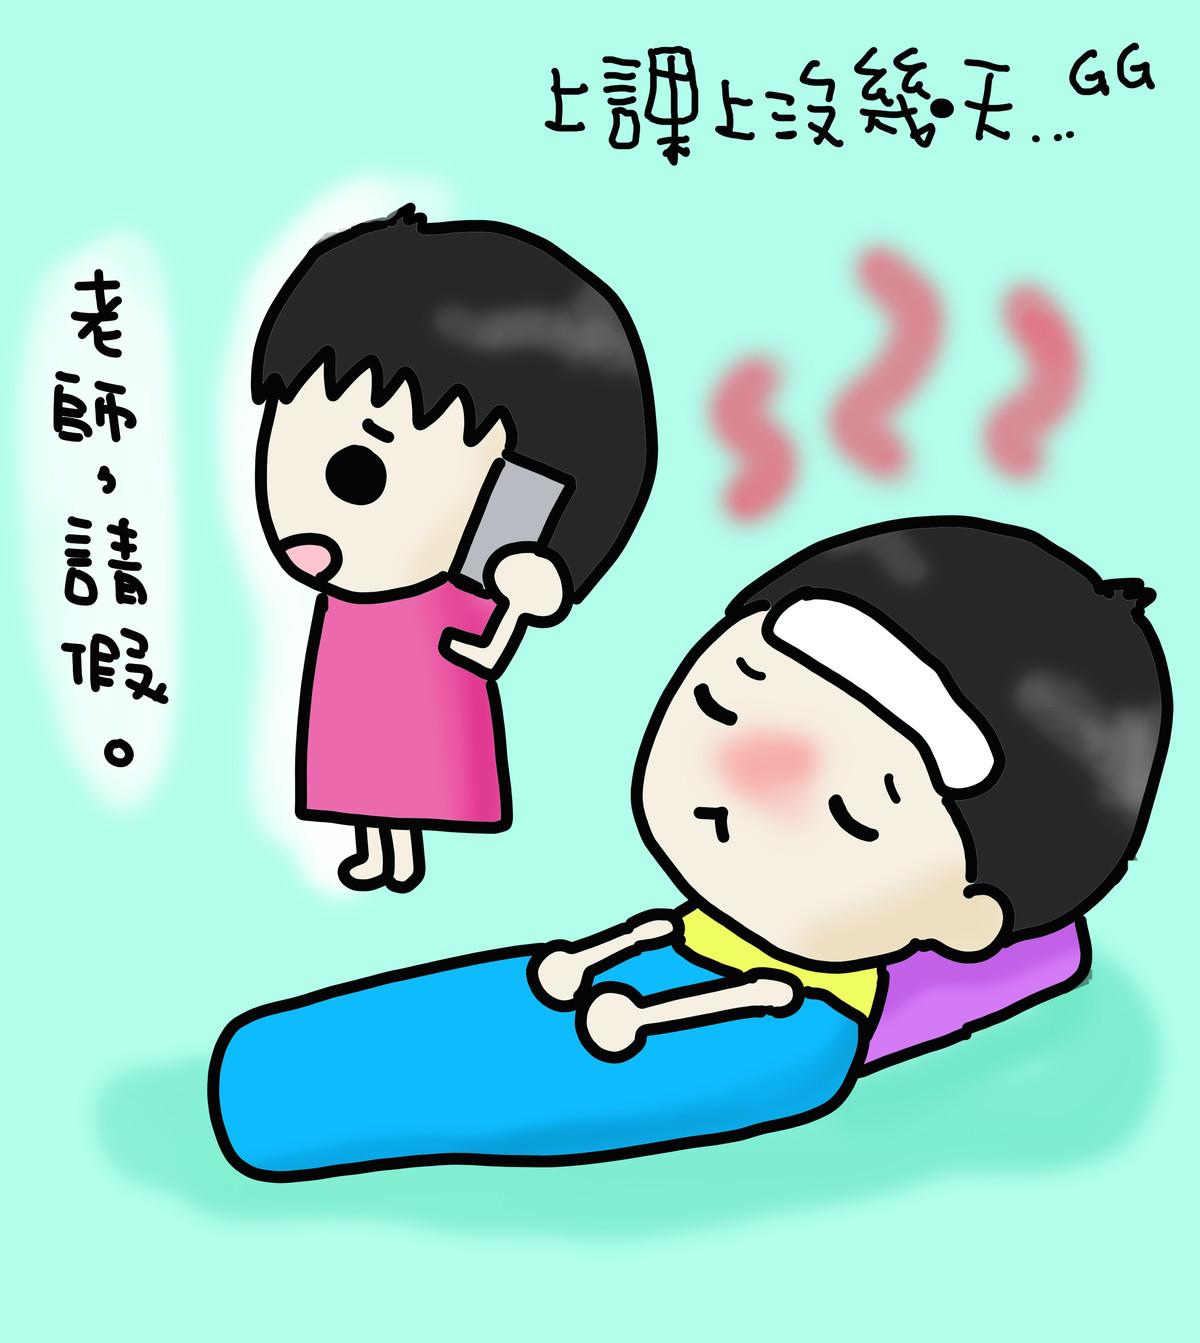 媽咪繪圖日記:幼稚園的重複迴圈(生病.不上課.哭鬧.連假)崩潰啊!!